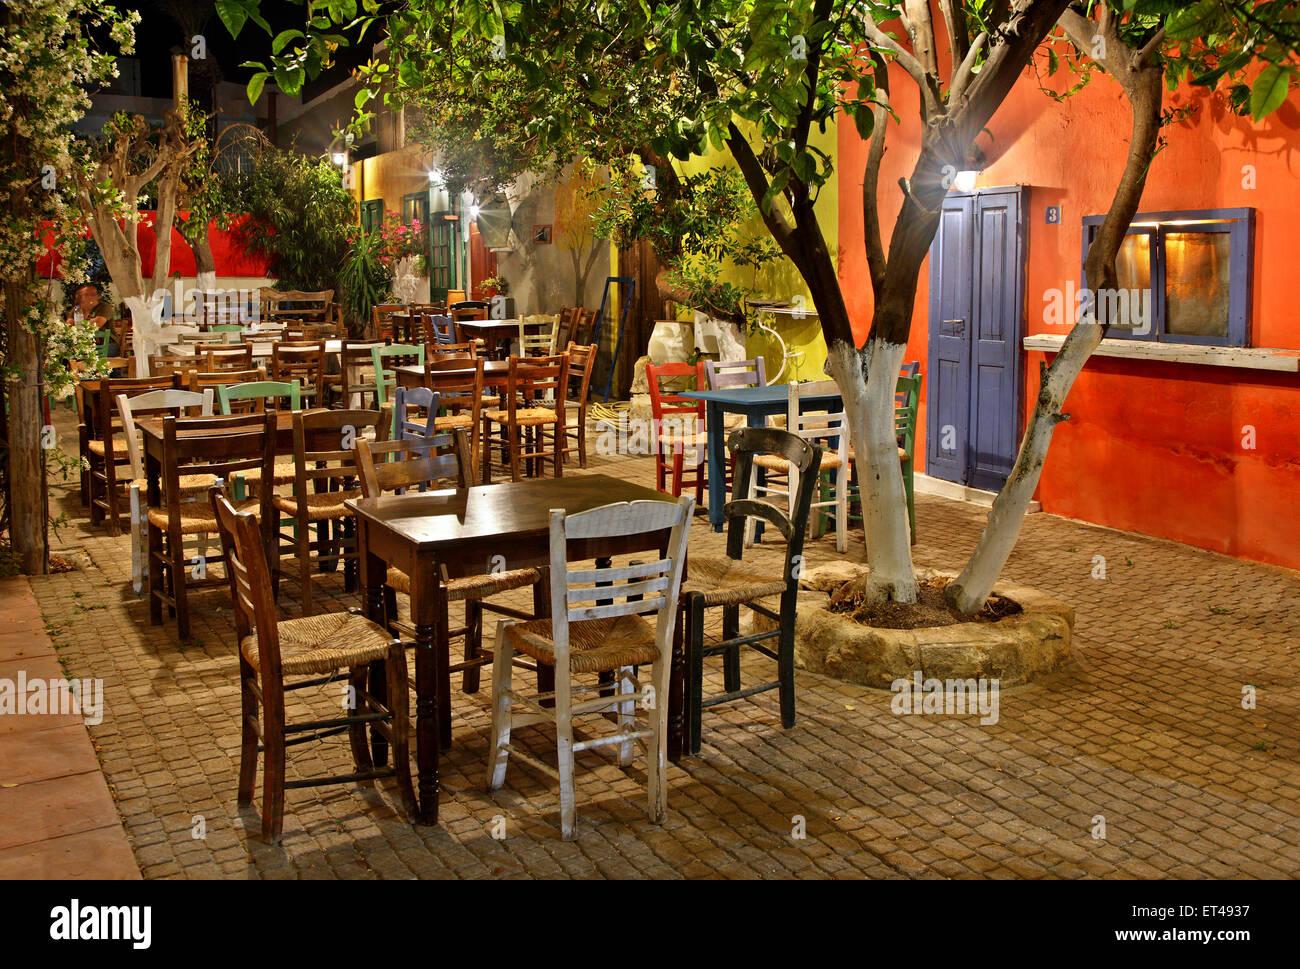 Island Garden Cafe Stock Photos & Island Garden Cafe Stock Images ...